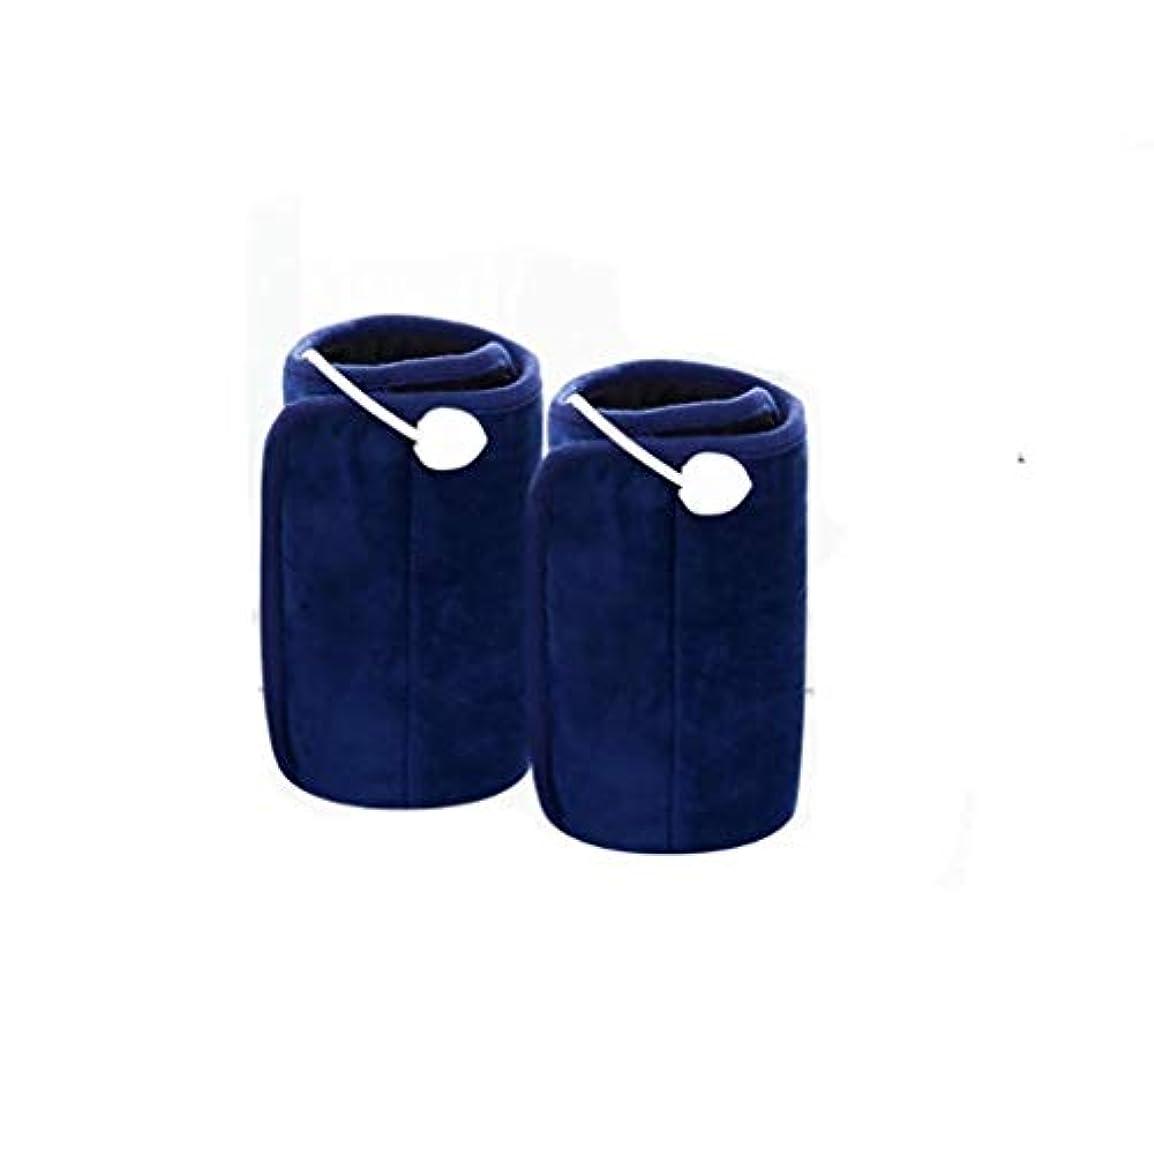 リファイン去る青電気膝パッド、温かい古い膝、携帯式膝加熱、360°oxi温かい家庭用スマート温度調整